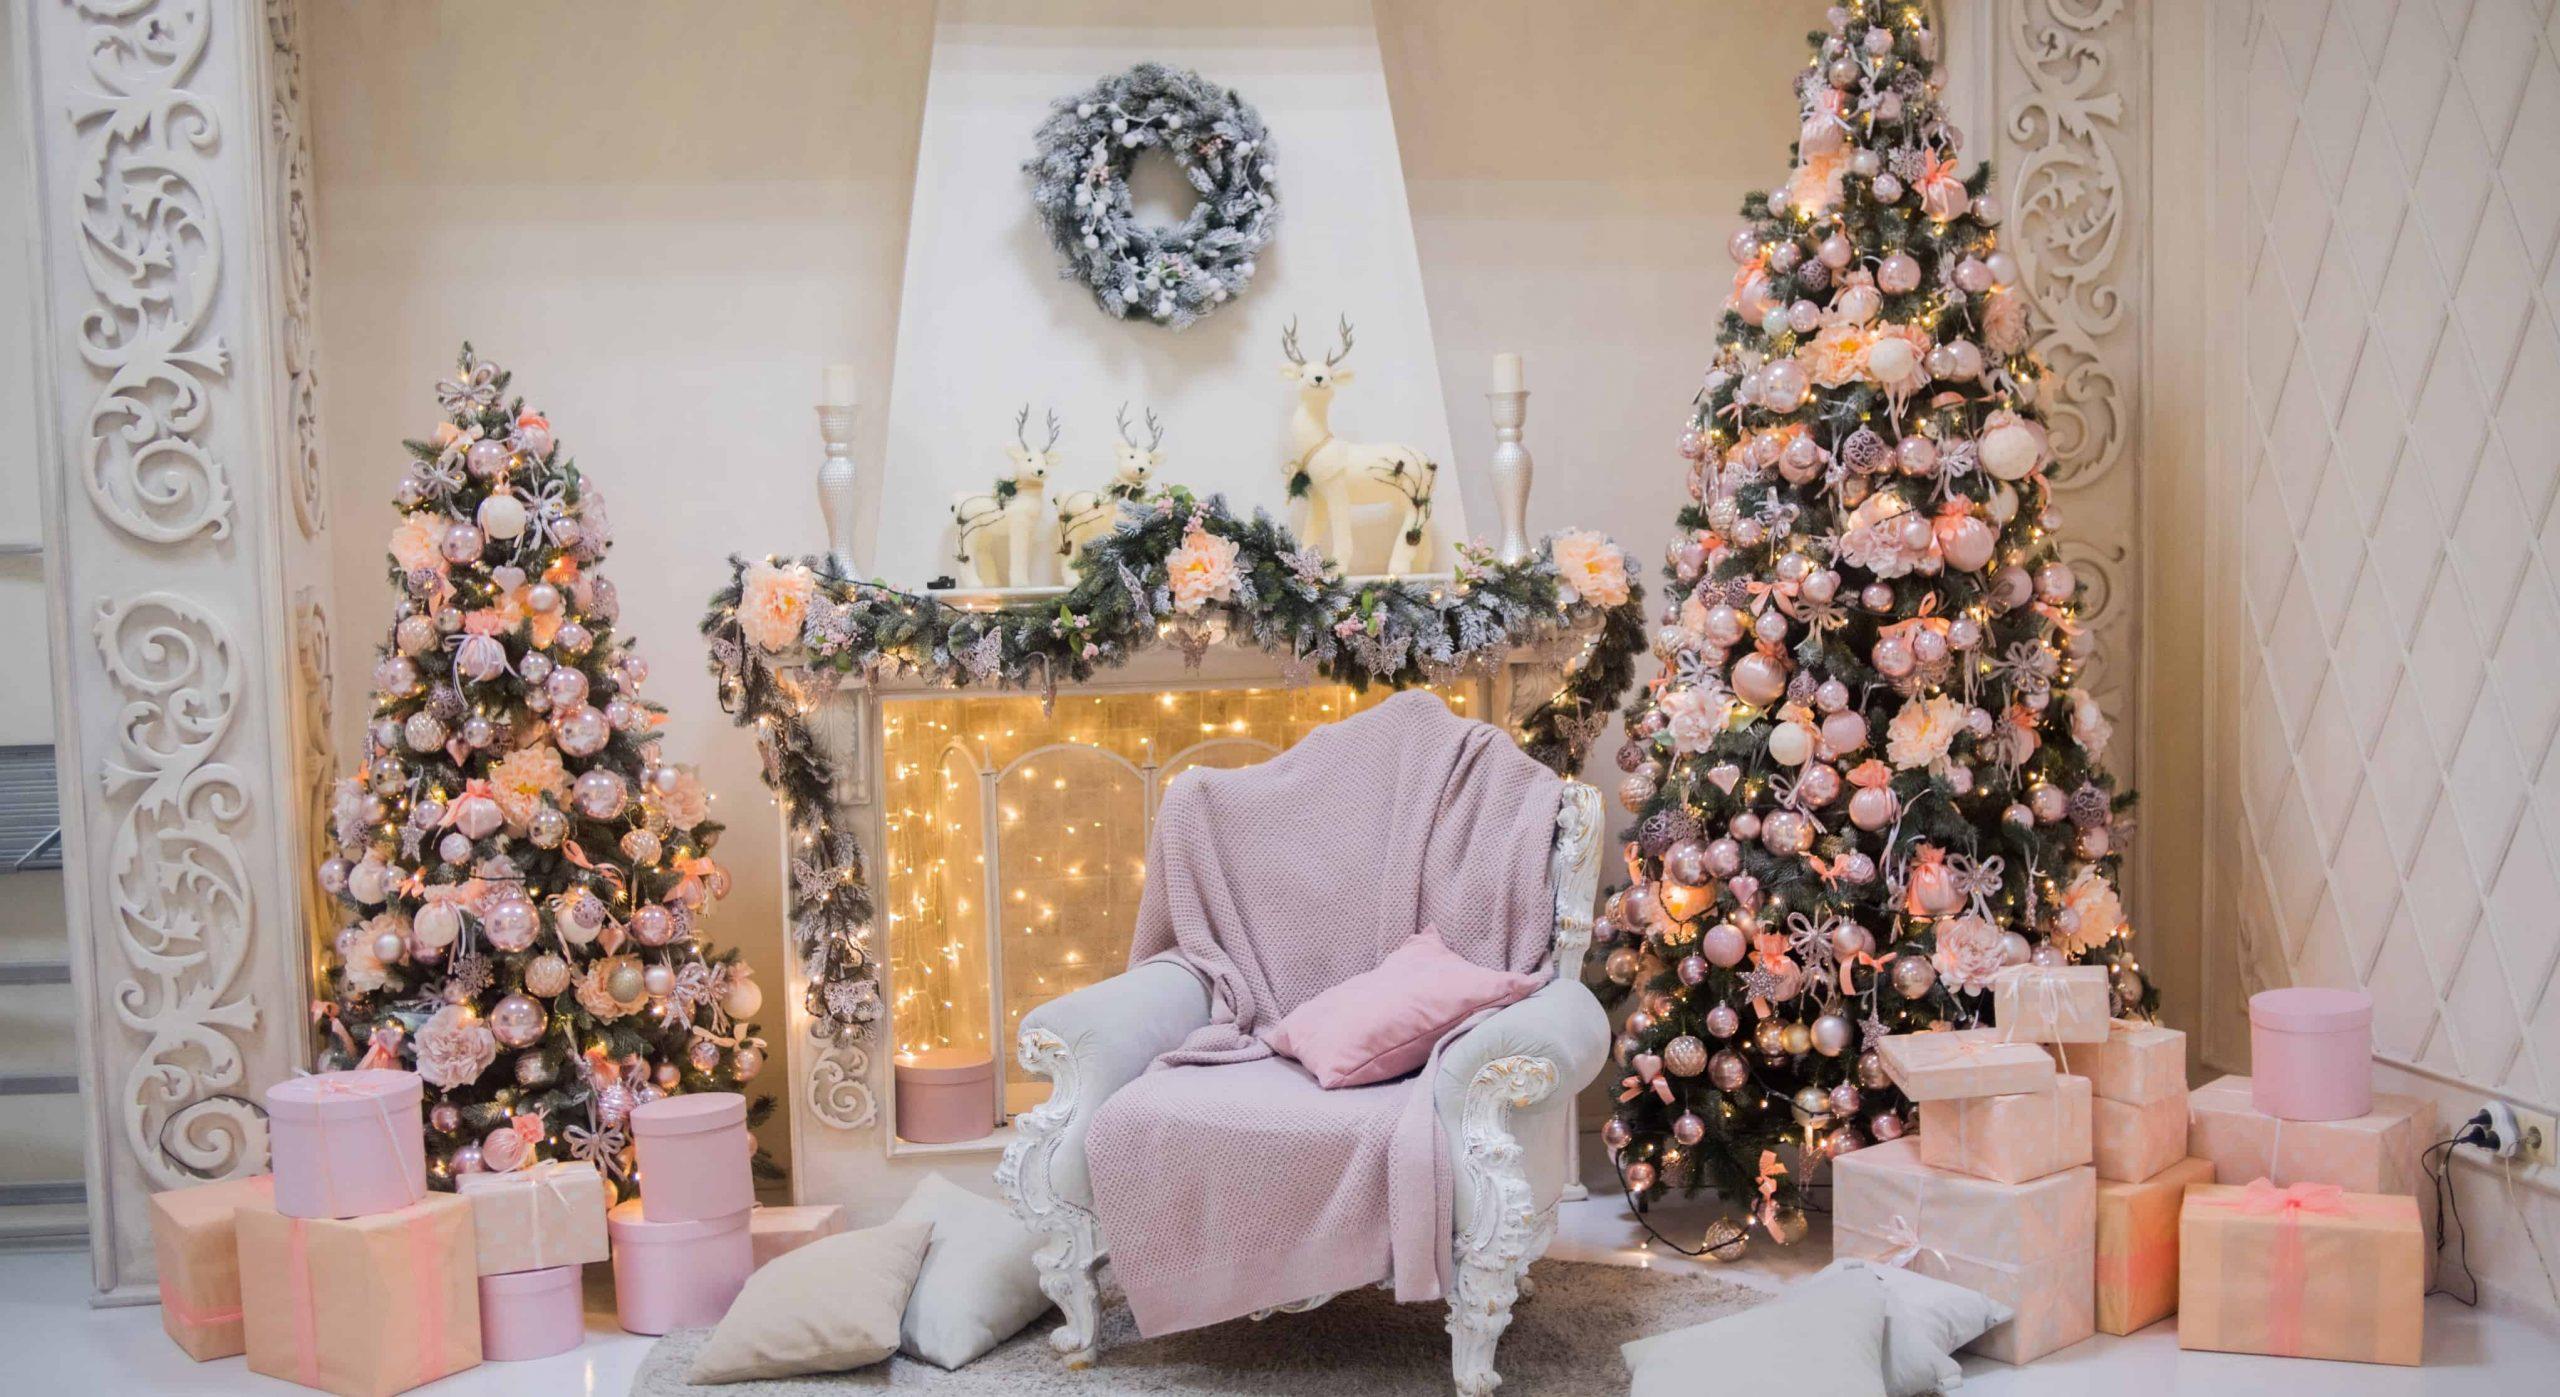 Palline Di Natale Con Rametti miglior albero di natale 2020: guida all'acquisto | reviewbox